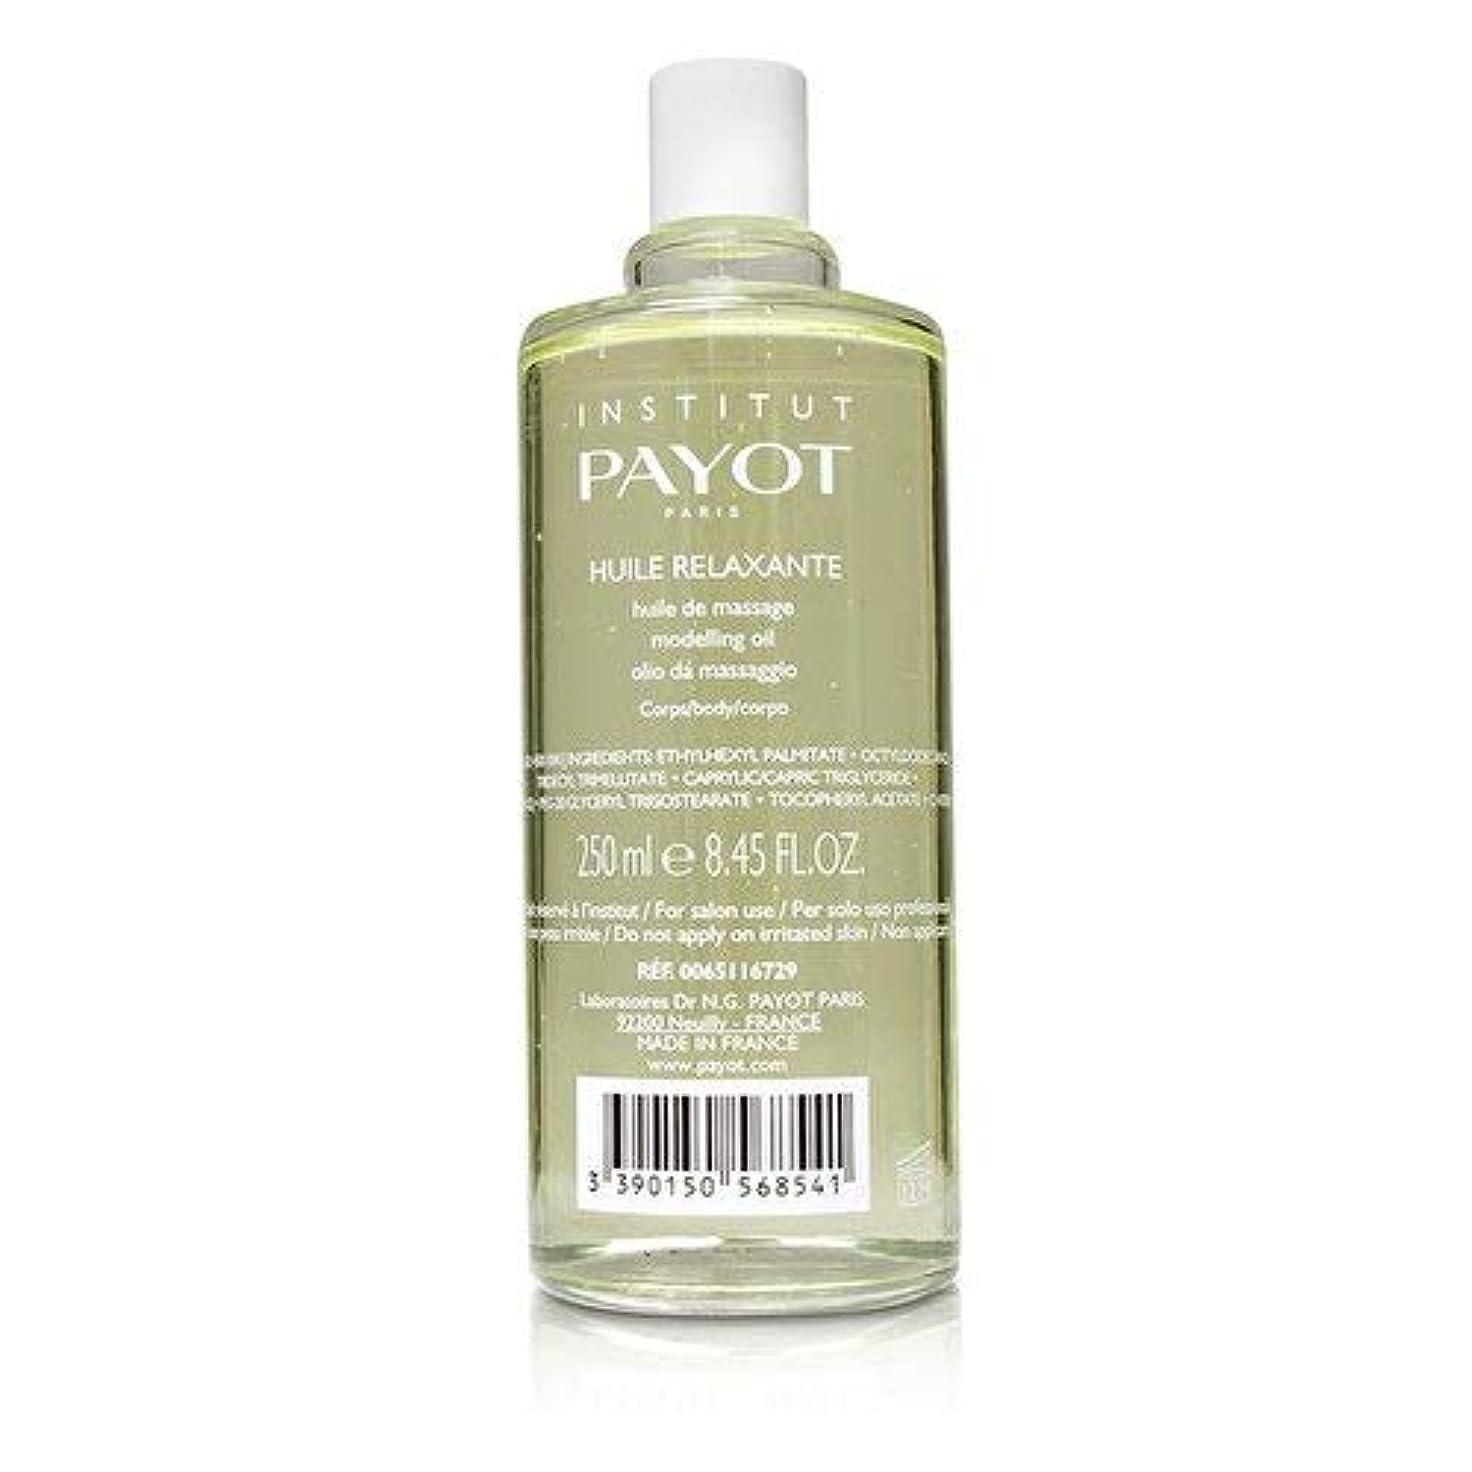 ライム建築家スキームパイヨ Huile Relaxante - Body Massage Oil (Jasmine & White Tea) (Salon Product) 250ml/8.45oz並行輸入品